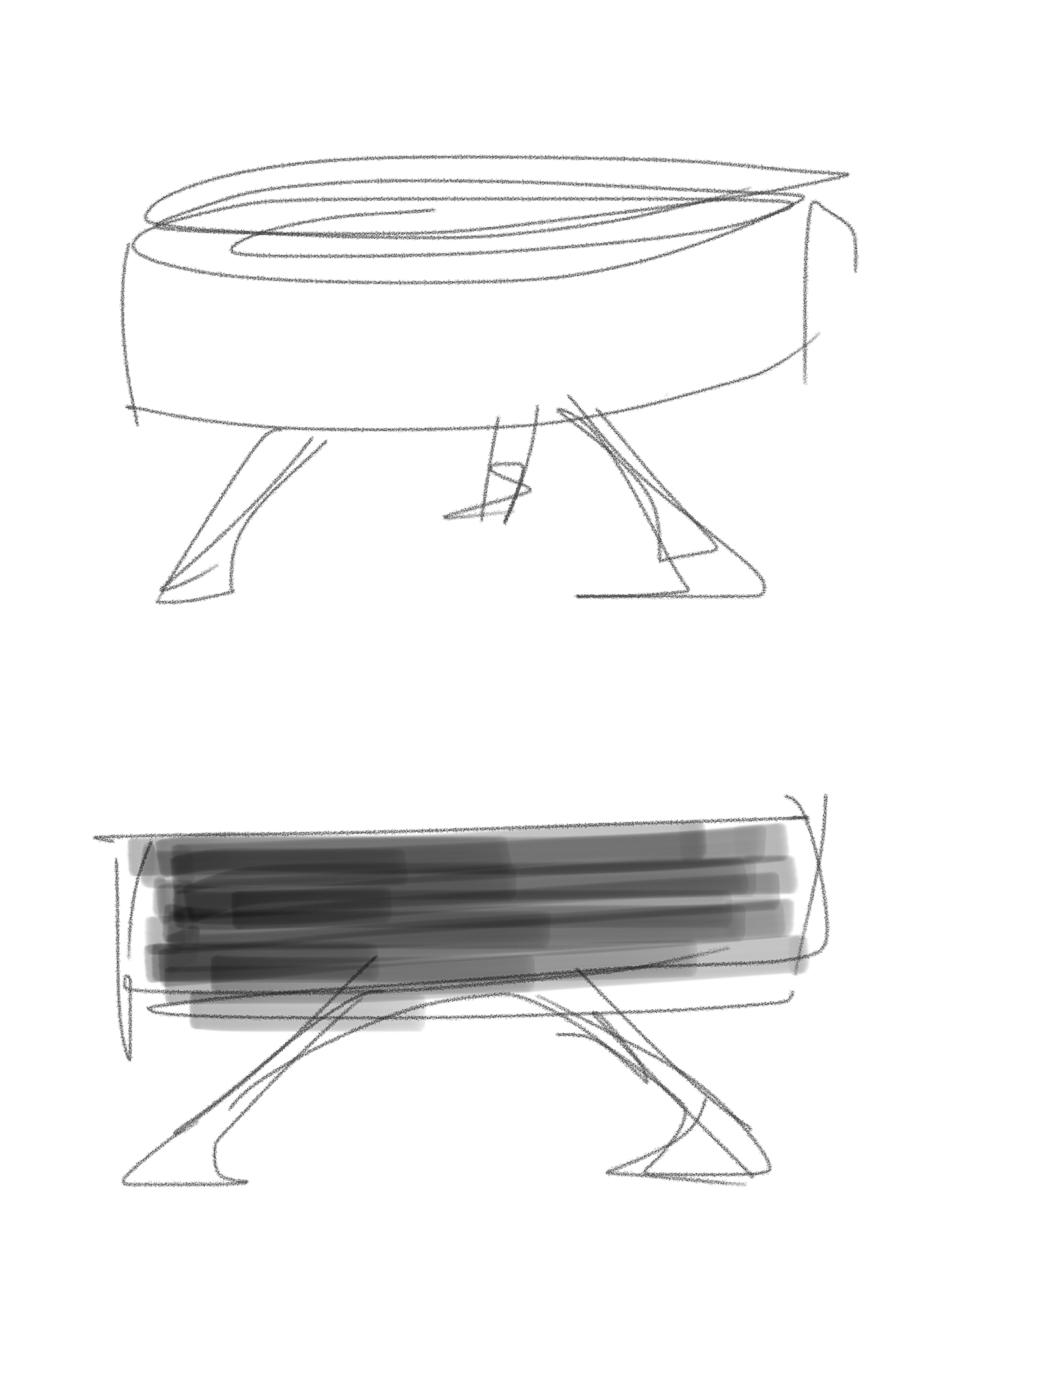 Sketch-272.jpg